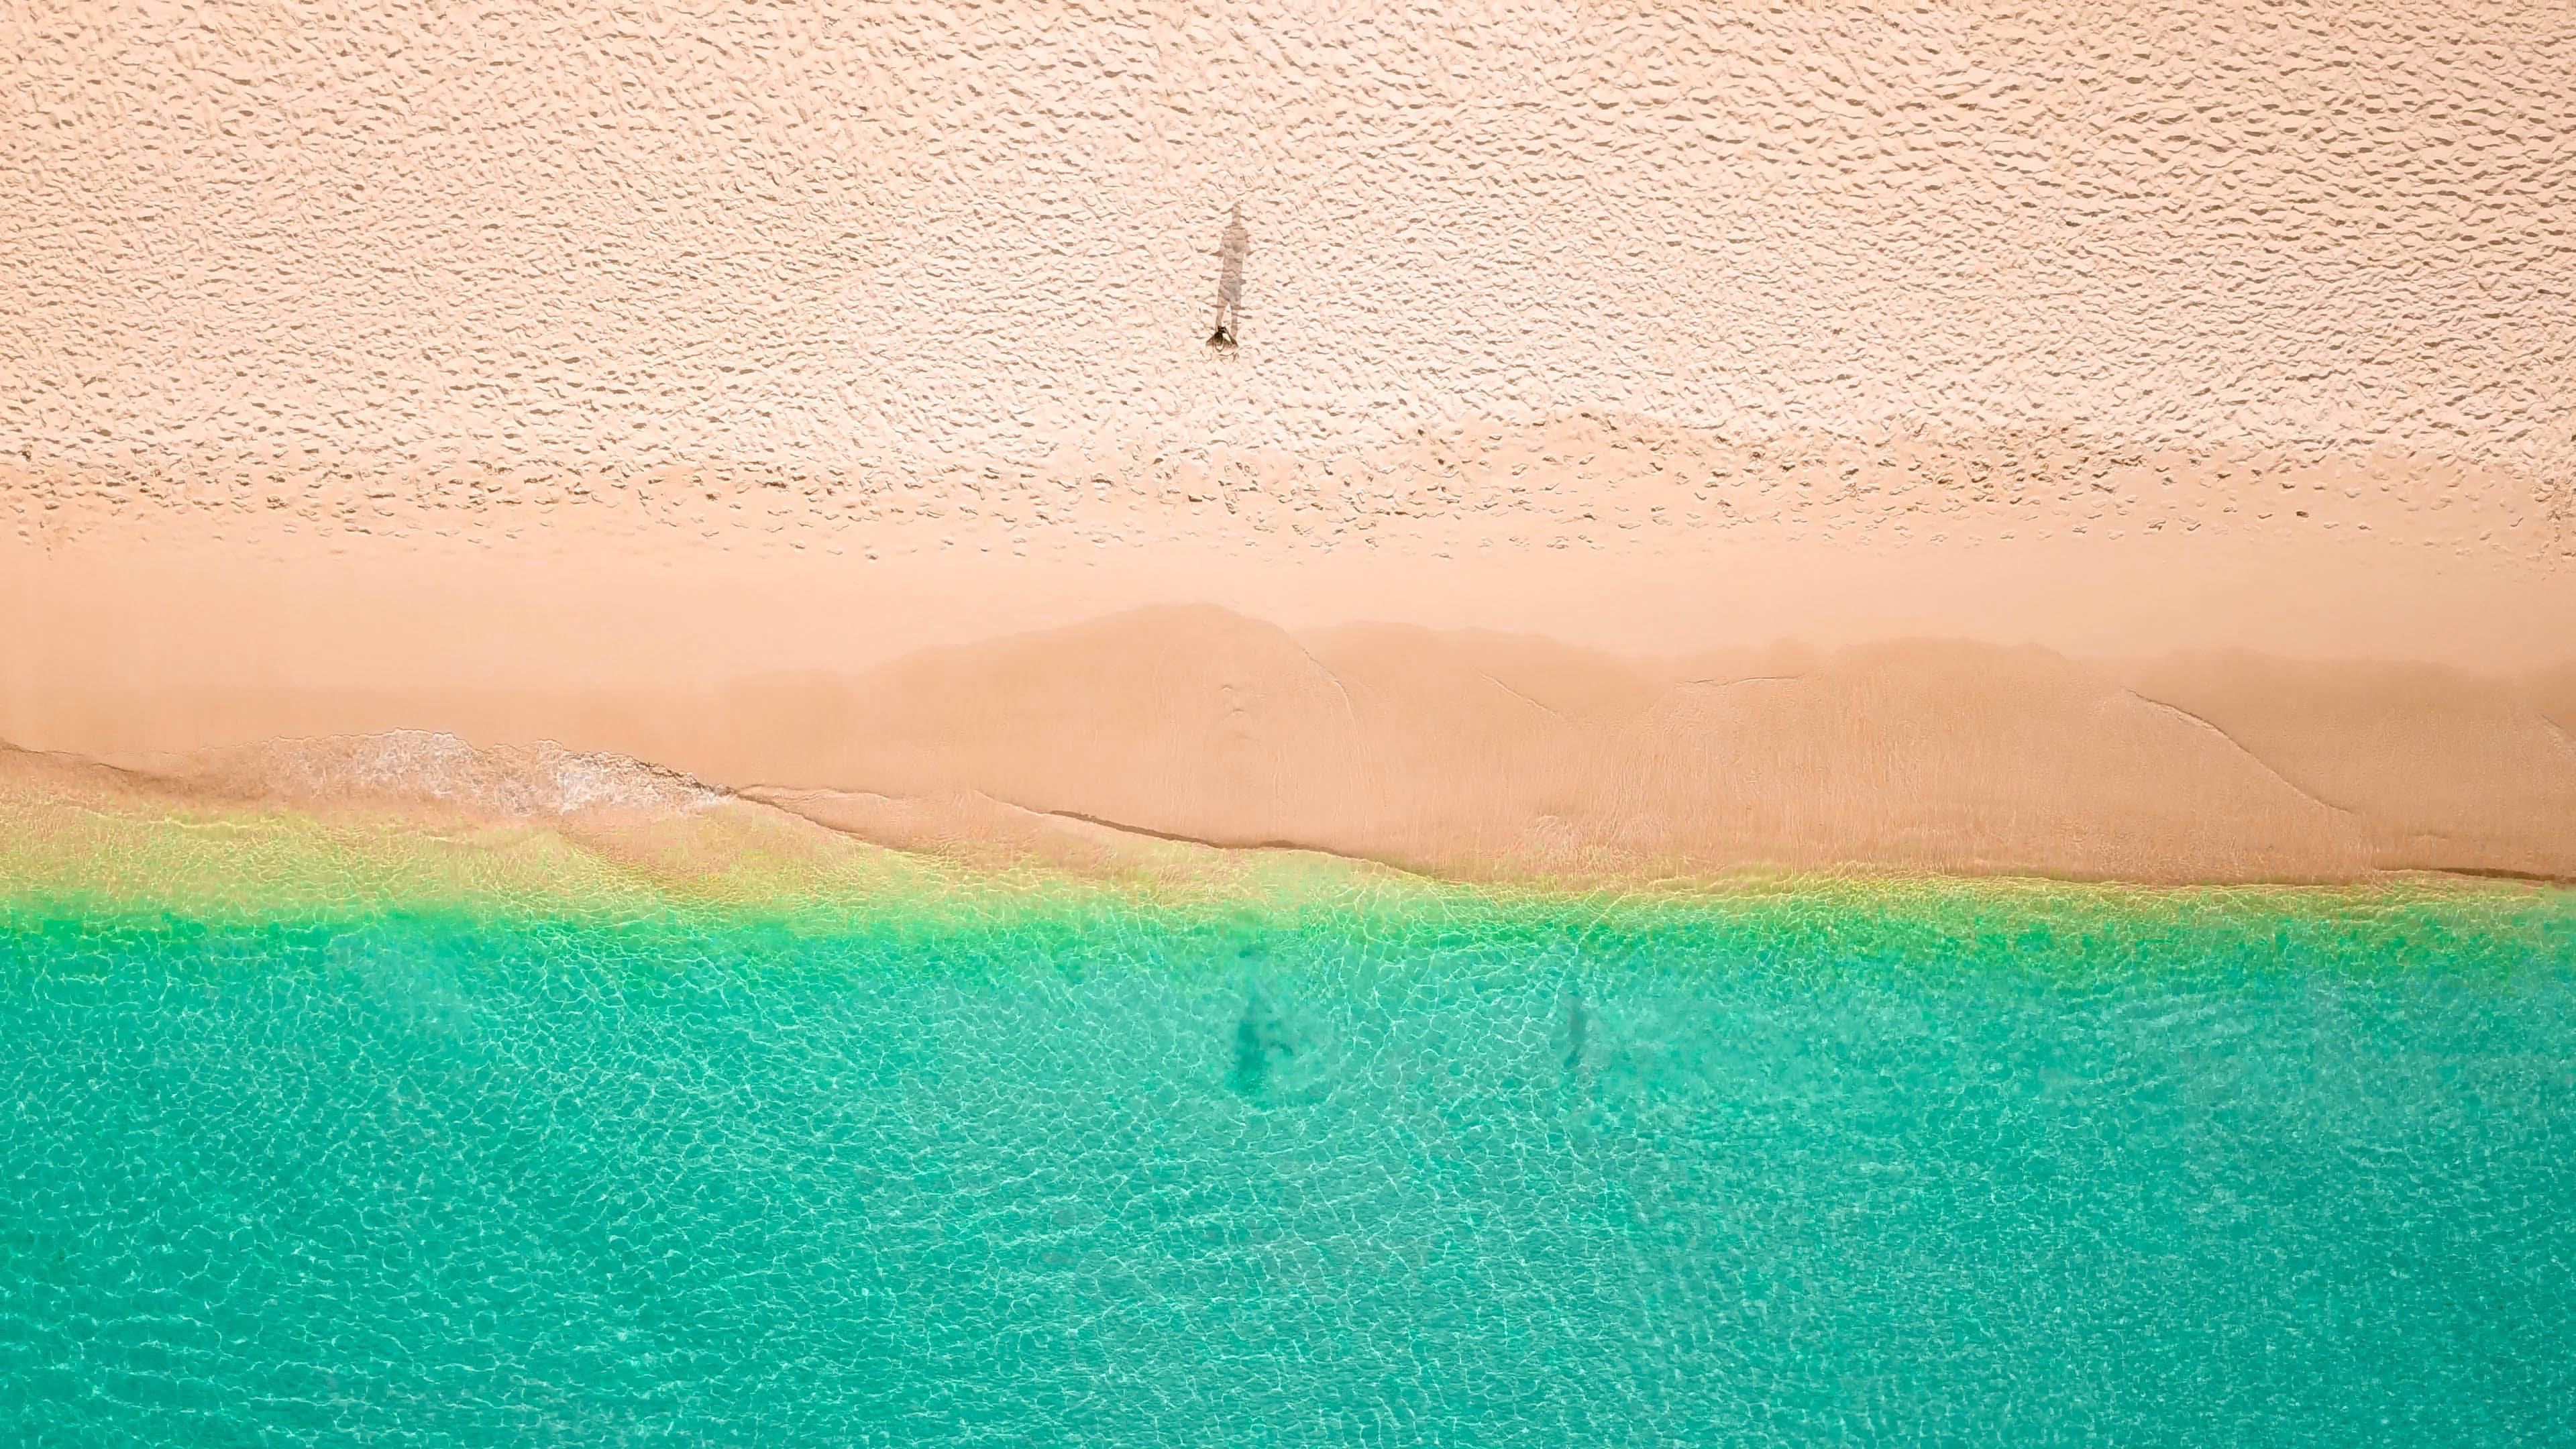 Gratis lagerfoto af bølger, dagtimer, droneoptagelse, fugleperspektiv